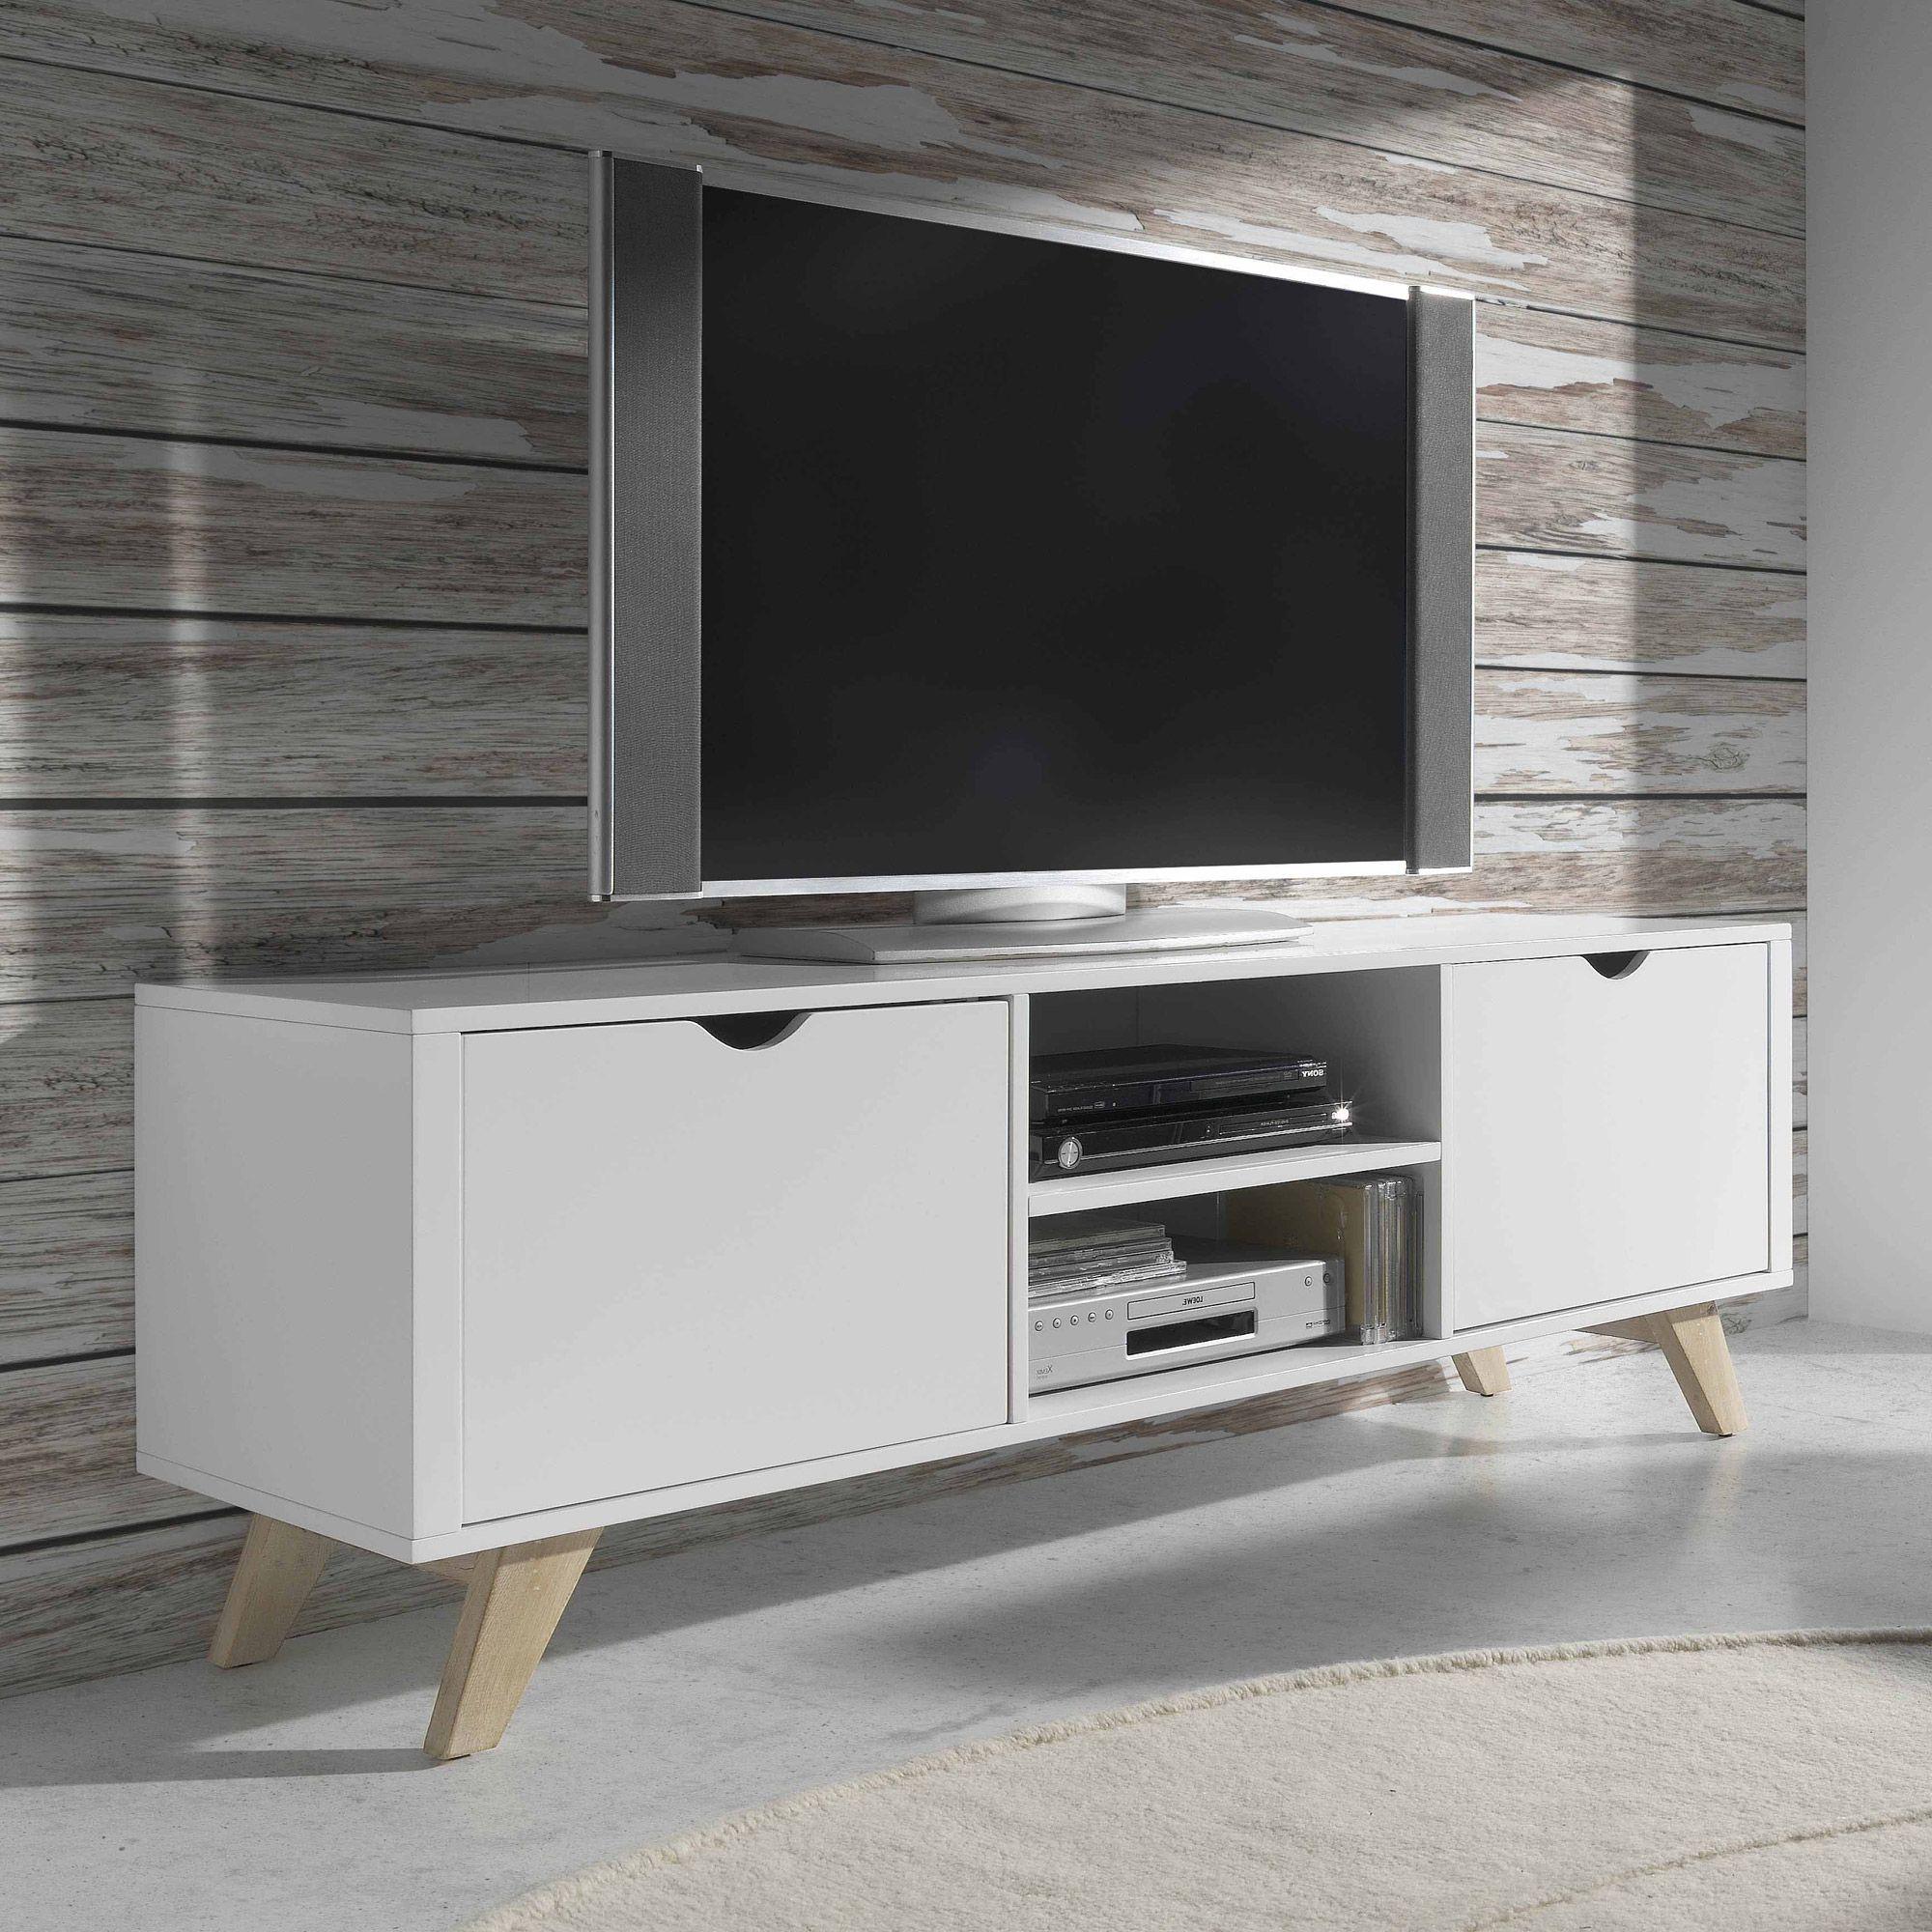 Meuble Tv Bas En Bois Avec 2 Portes Et 2 Niches Pablo Par  # Les Dimensions D'Un Meuble Tv En Bois